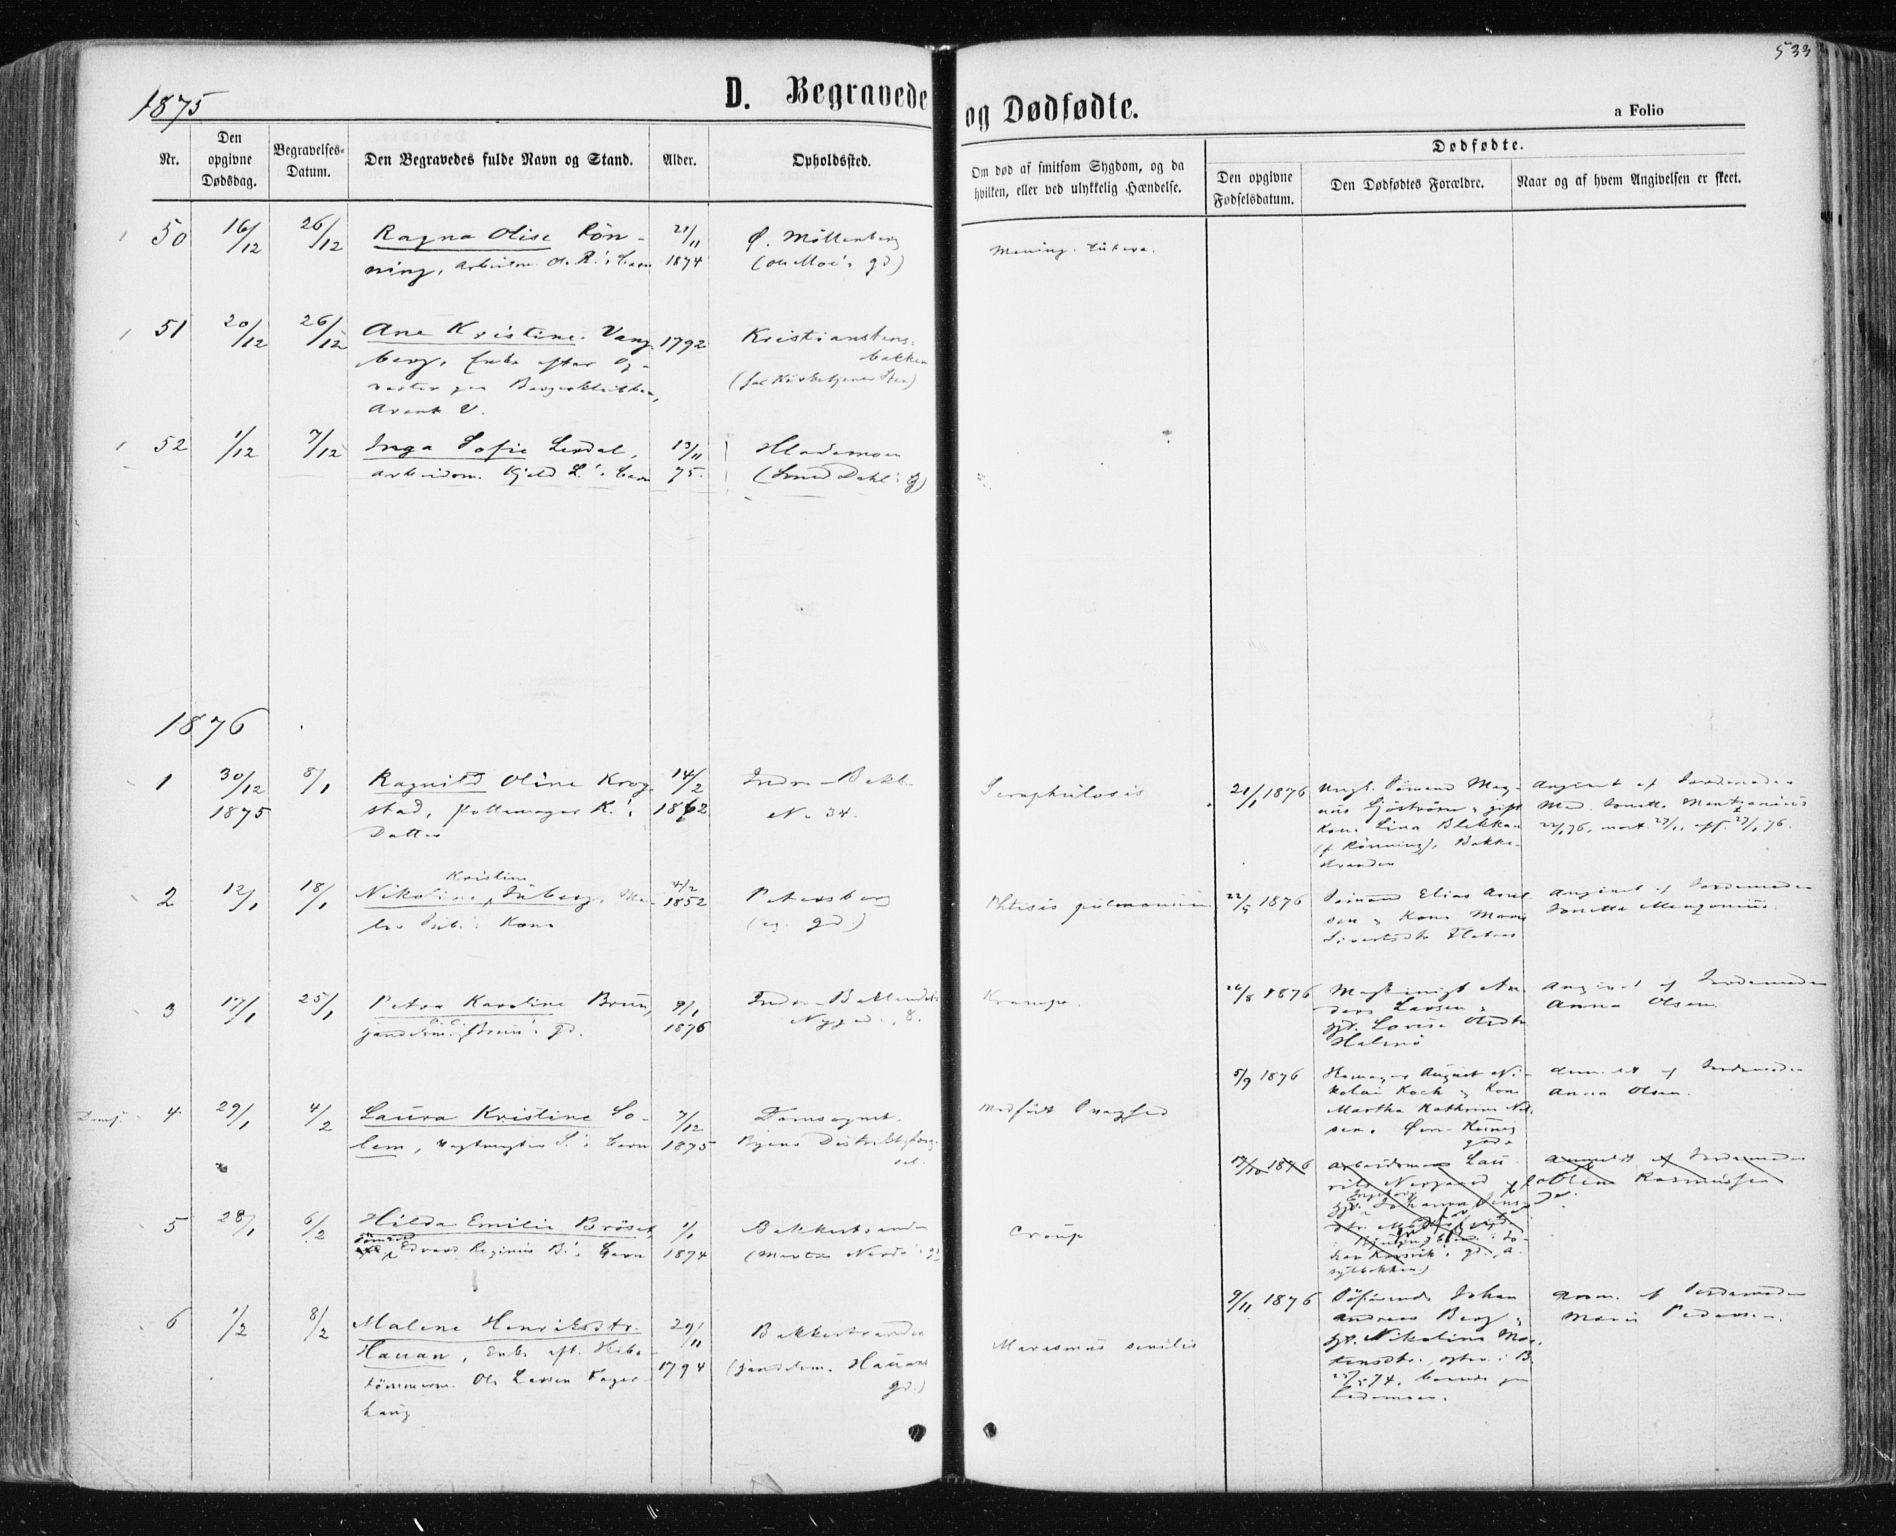 SAT, Ministerialprotokoller, klokkerbøker og fødselsregistre - Sør-Trøndelag, 604/L0186: Ministerialbok nr. 604A07, 1866-1877, s. 533